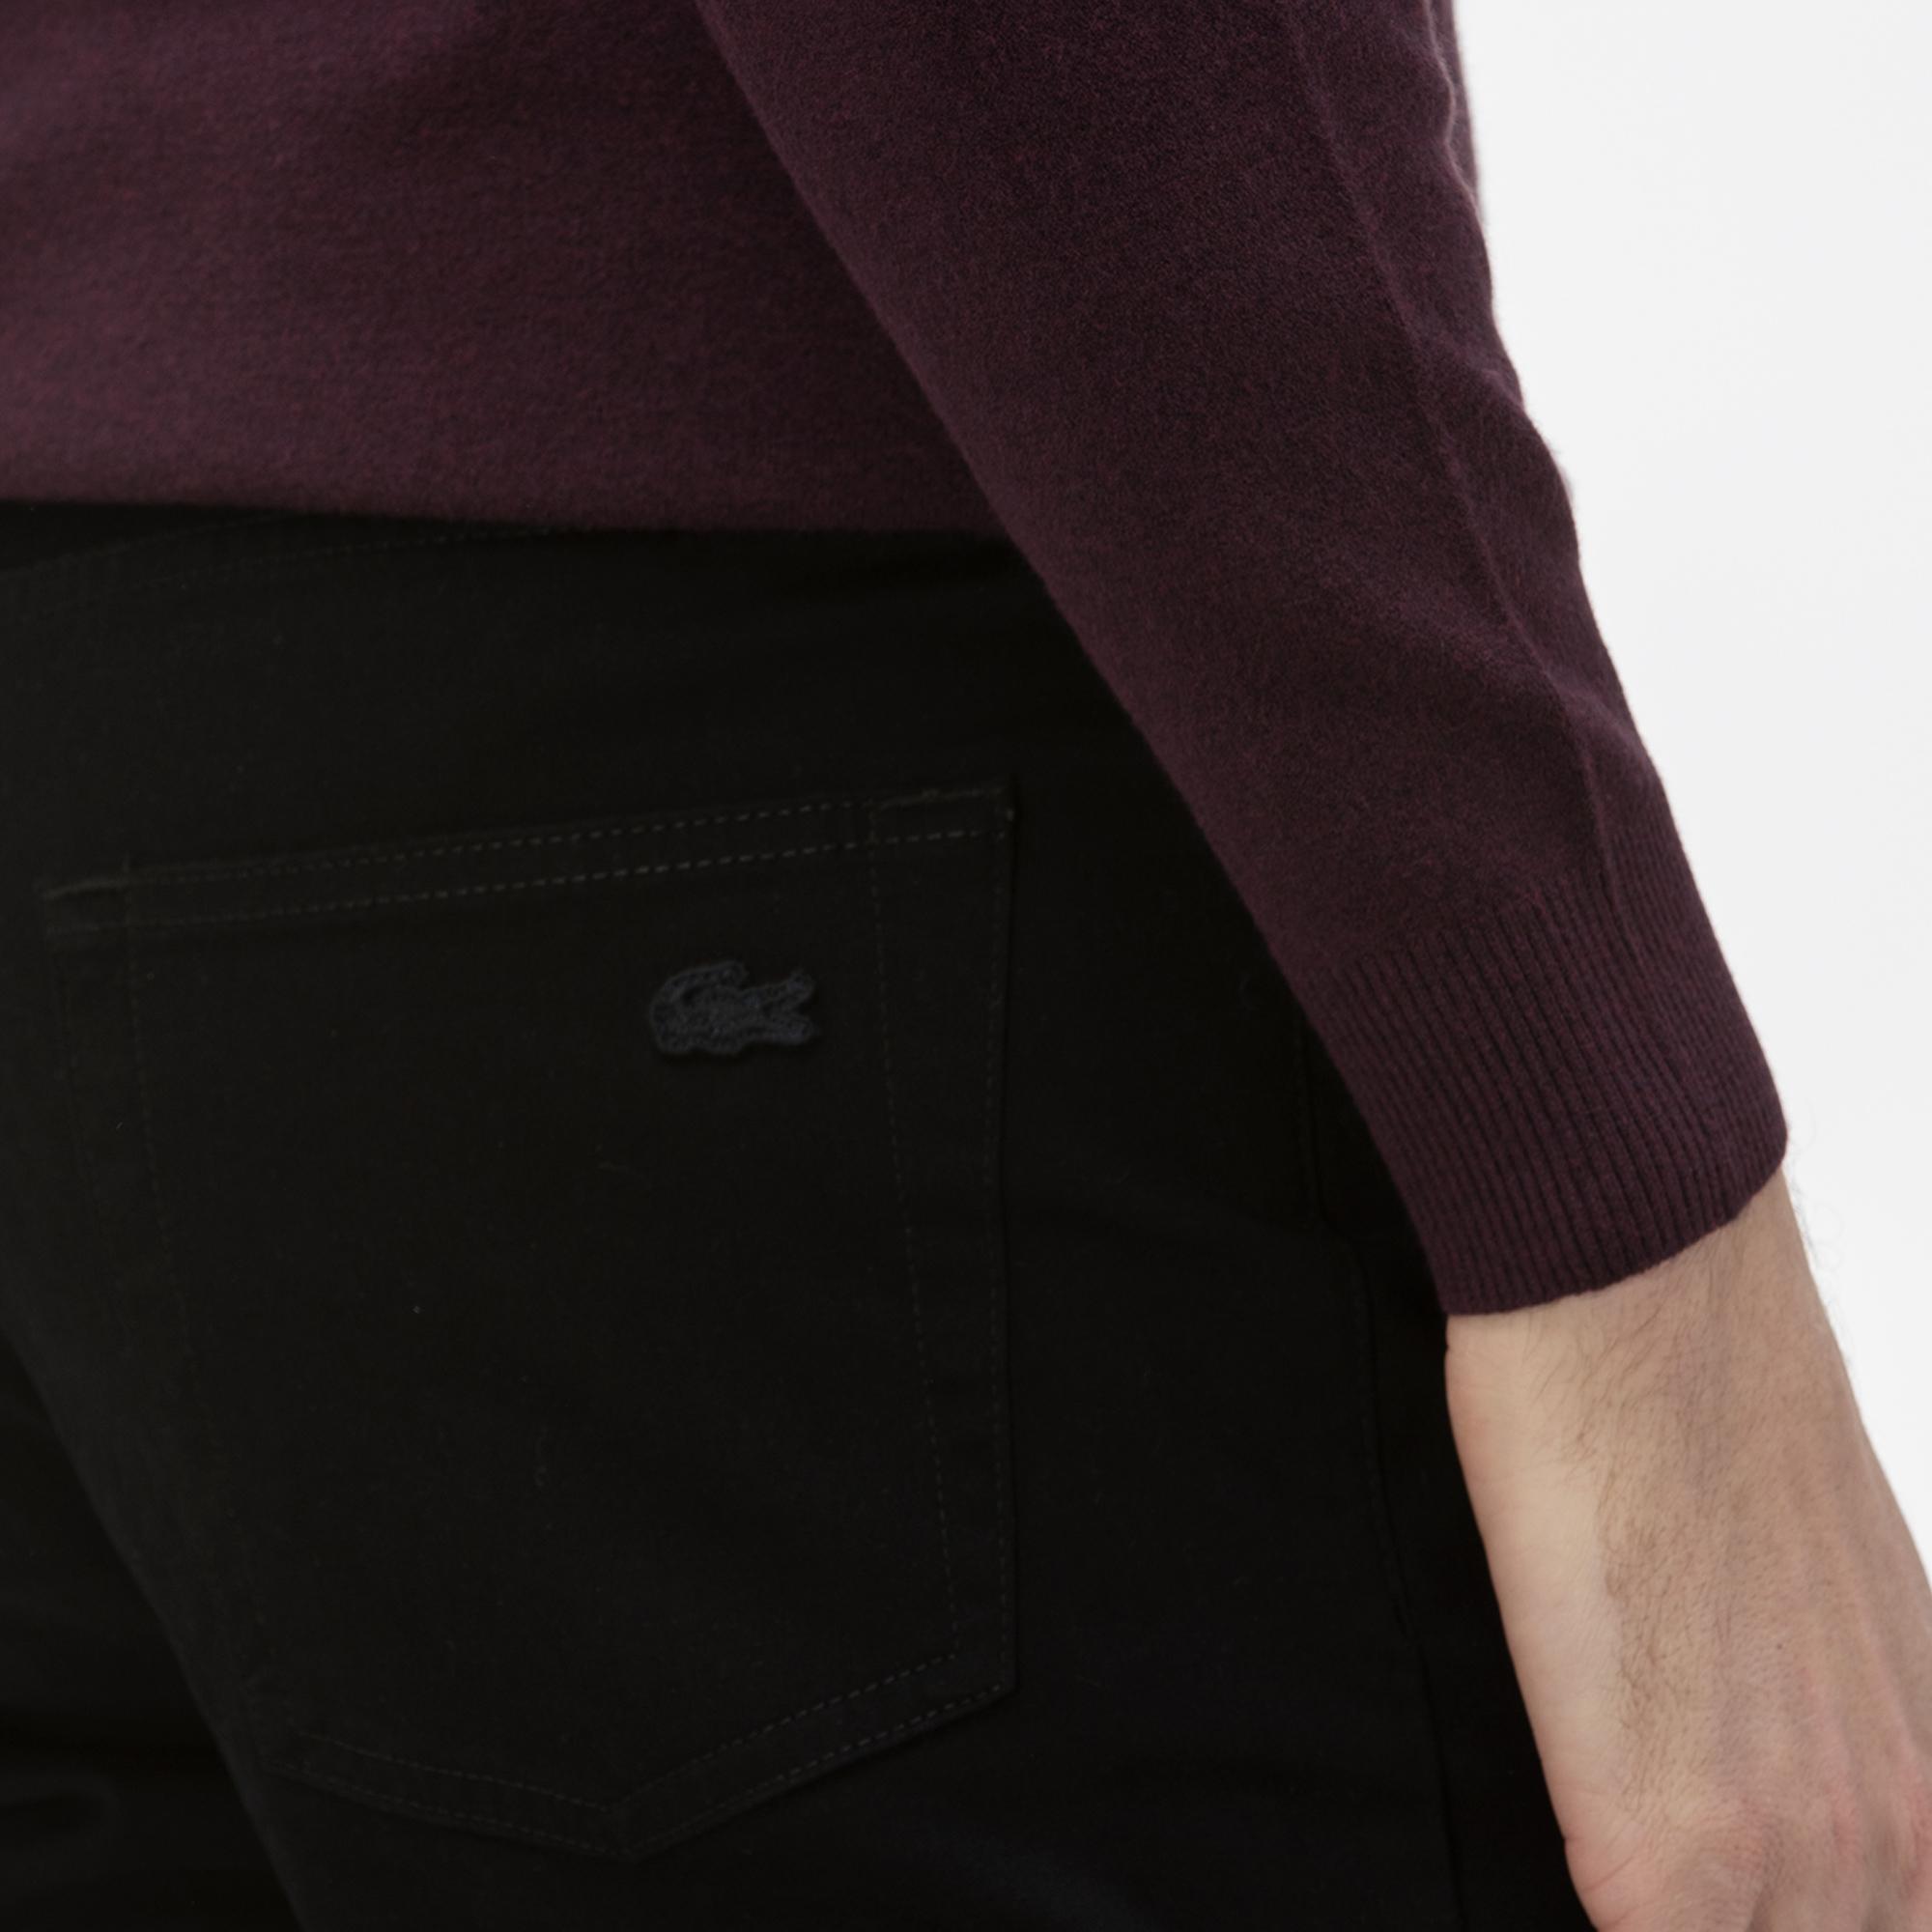 Lacoste Men's Slim Fit 5-Pocket Stretch Cotton Pants